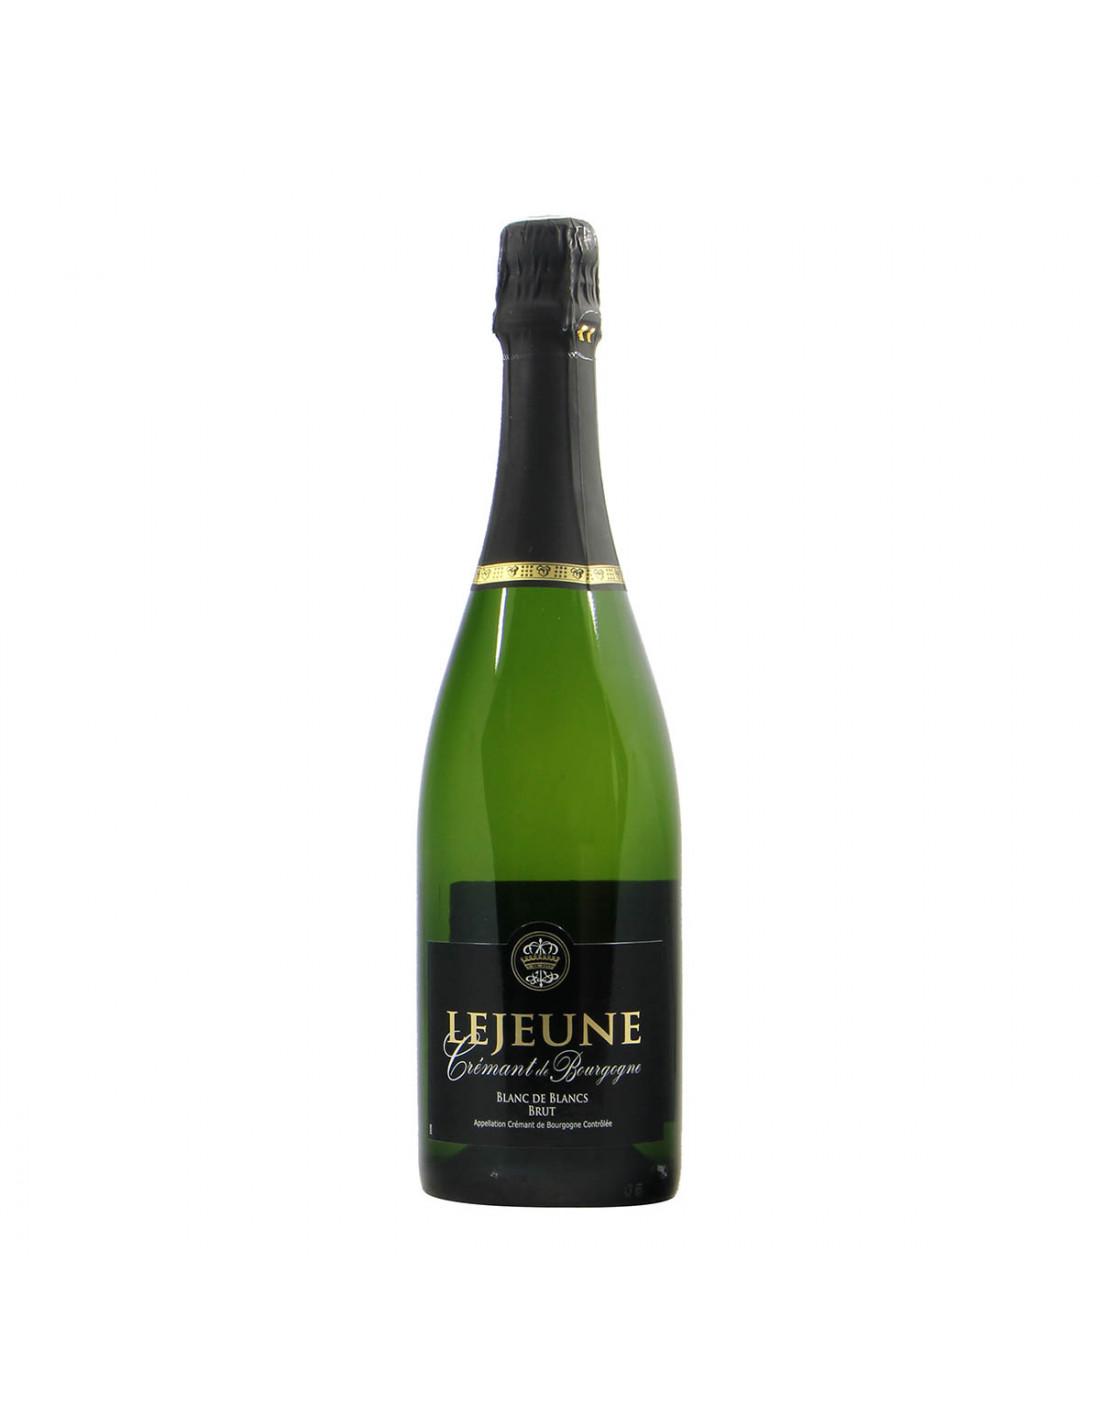 Domaine Lejeune Cremant de Bourgogne Blanc de Blancs Brut Grandi Bottiglie